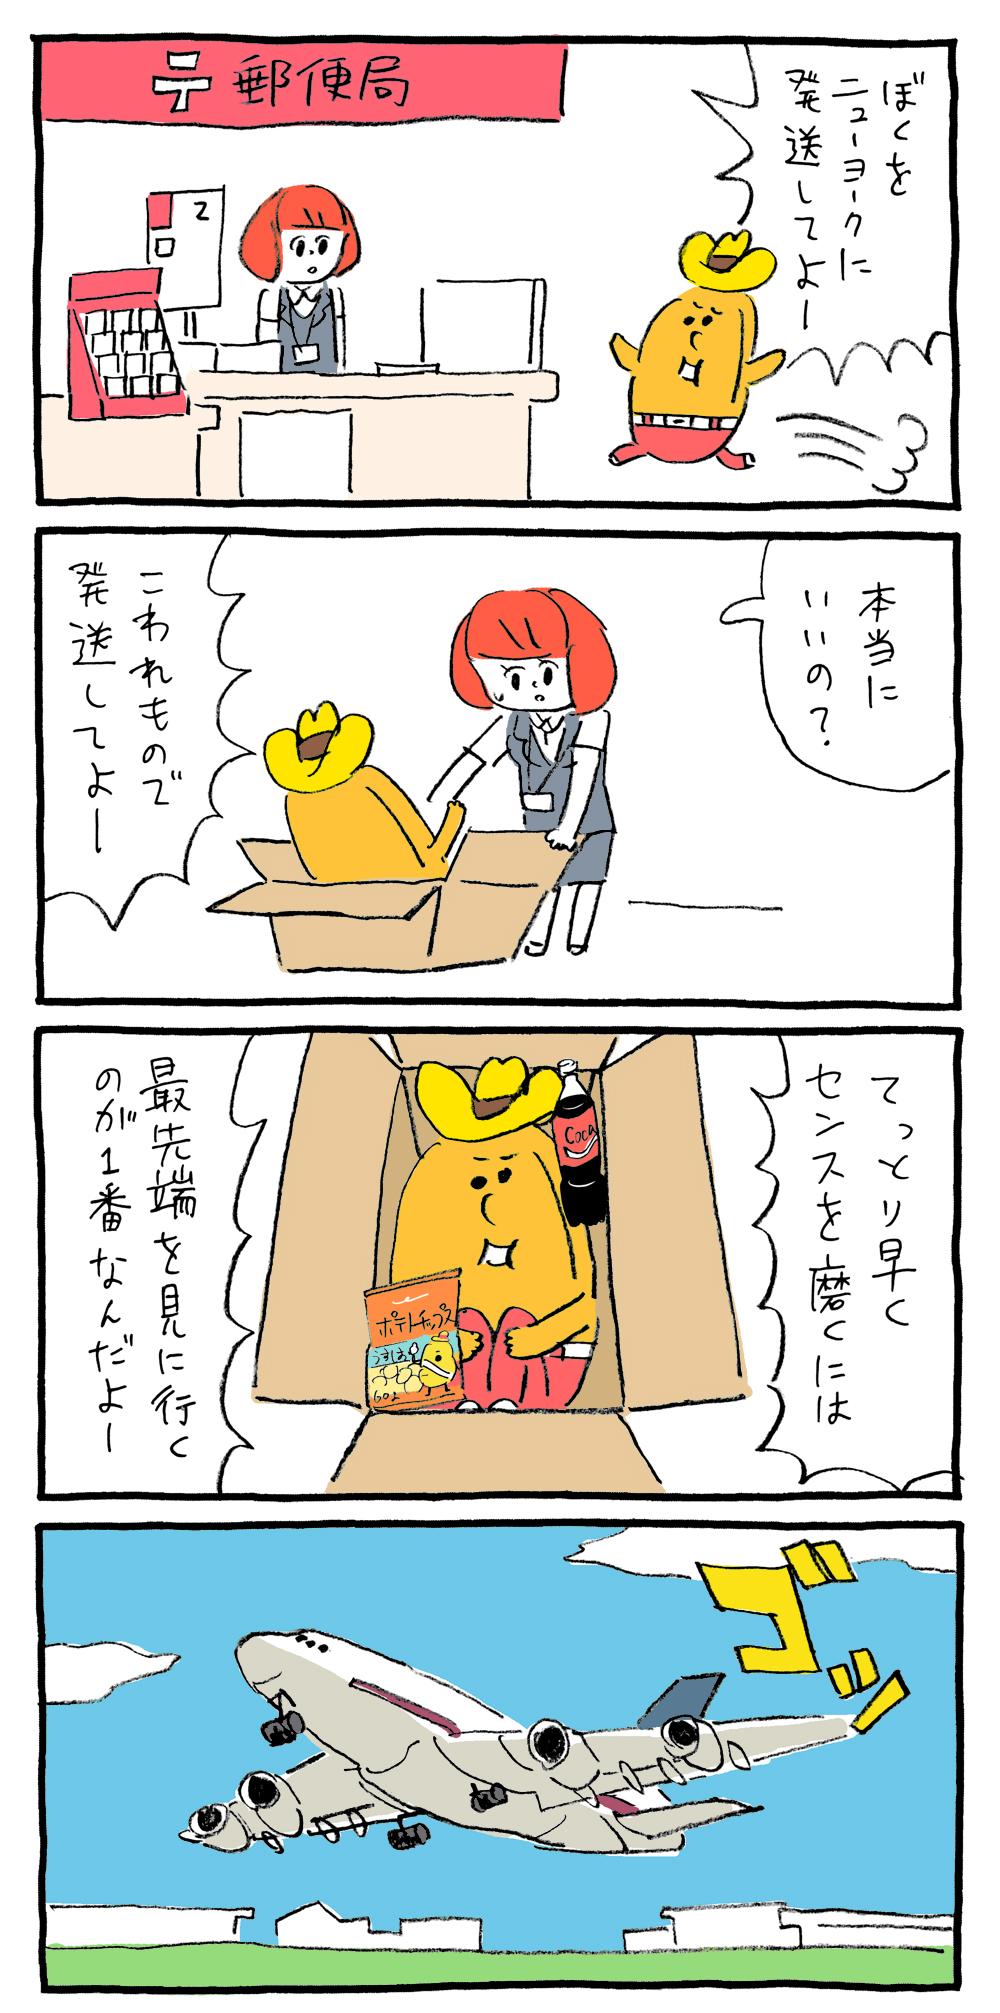 f:id:kakijiro:20150804145911j:plain